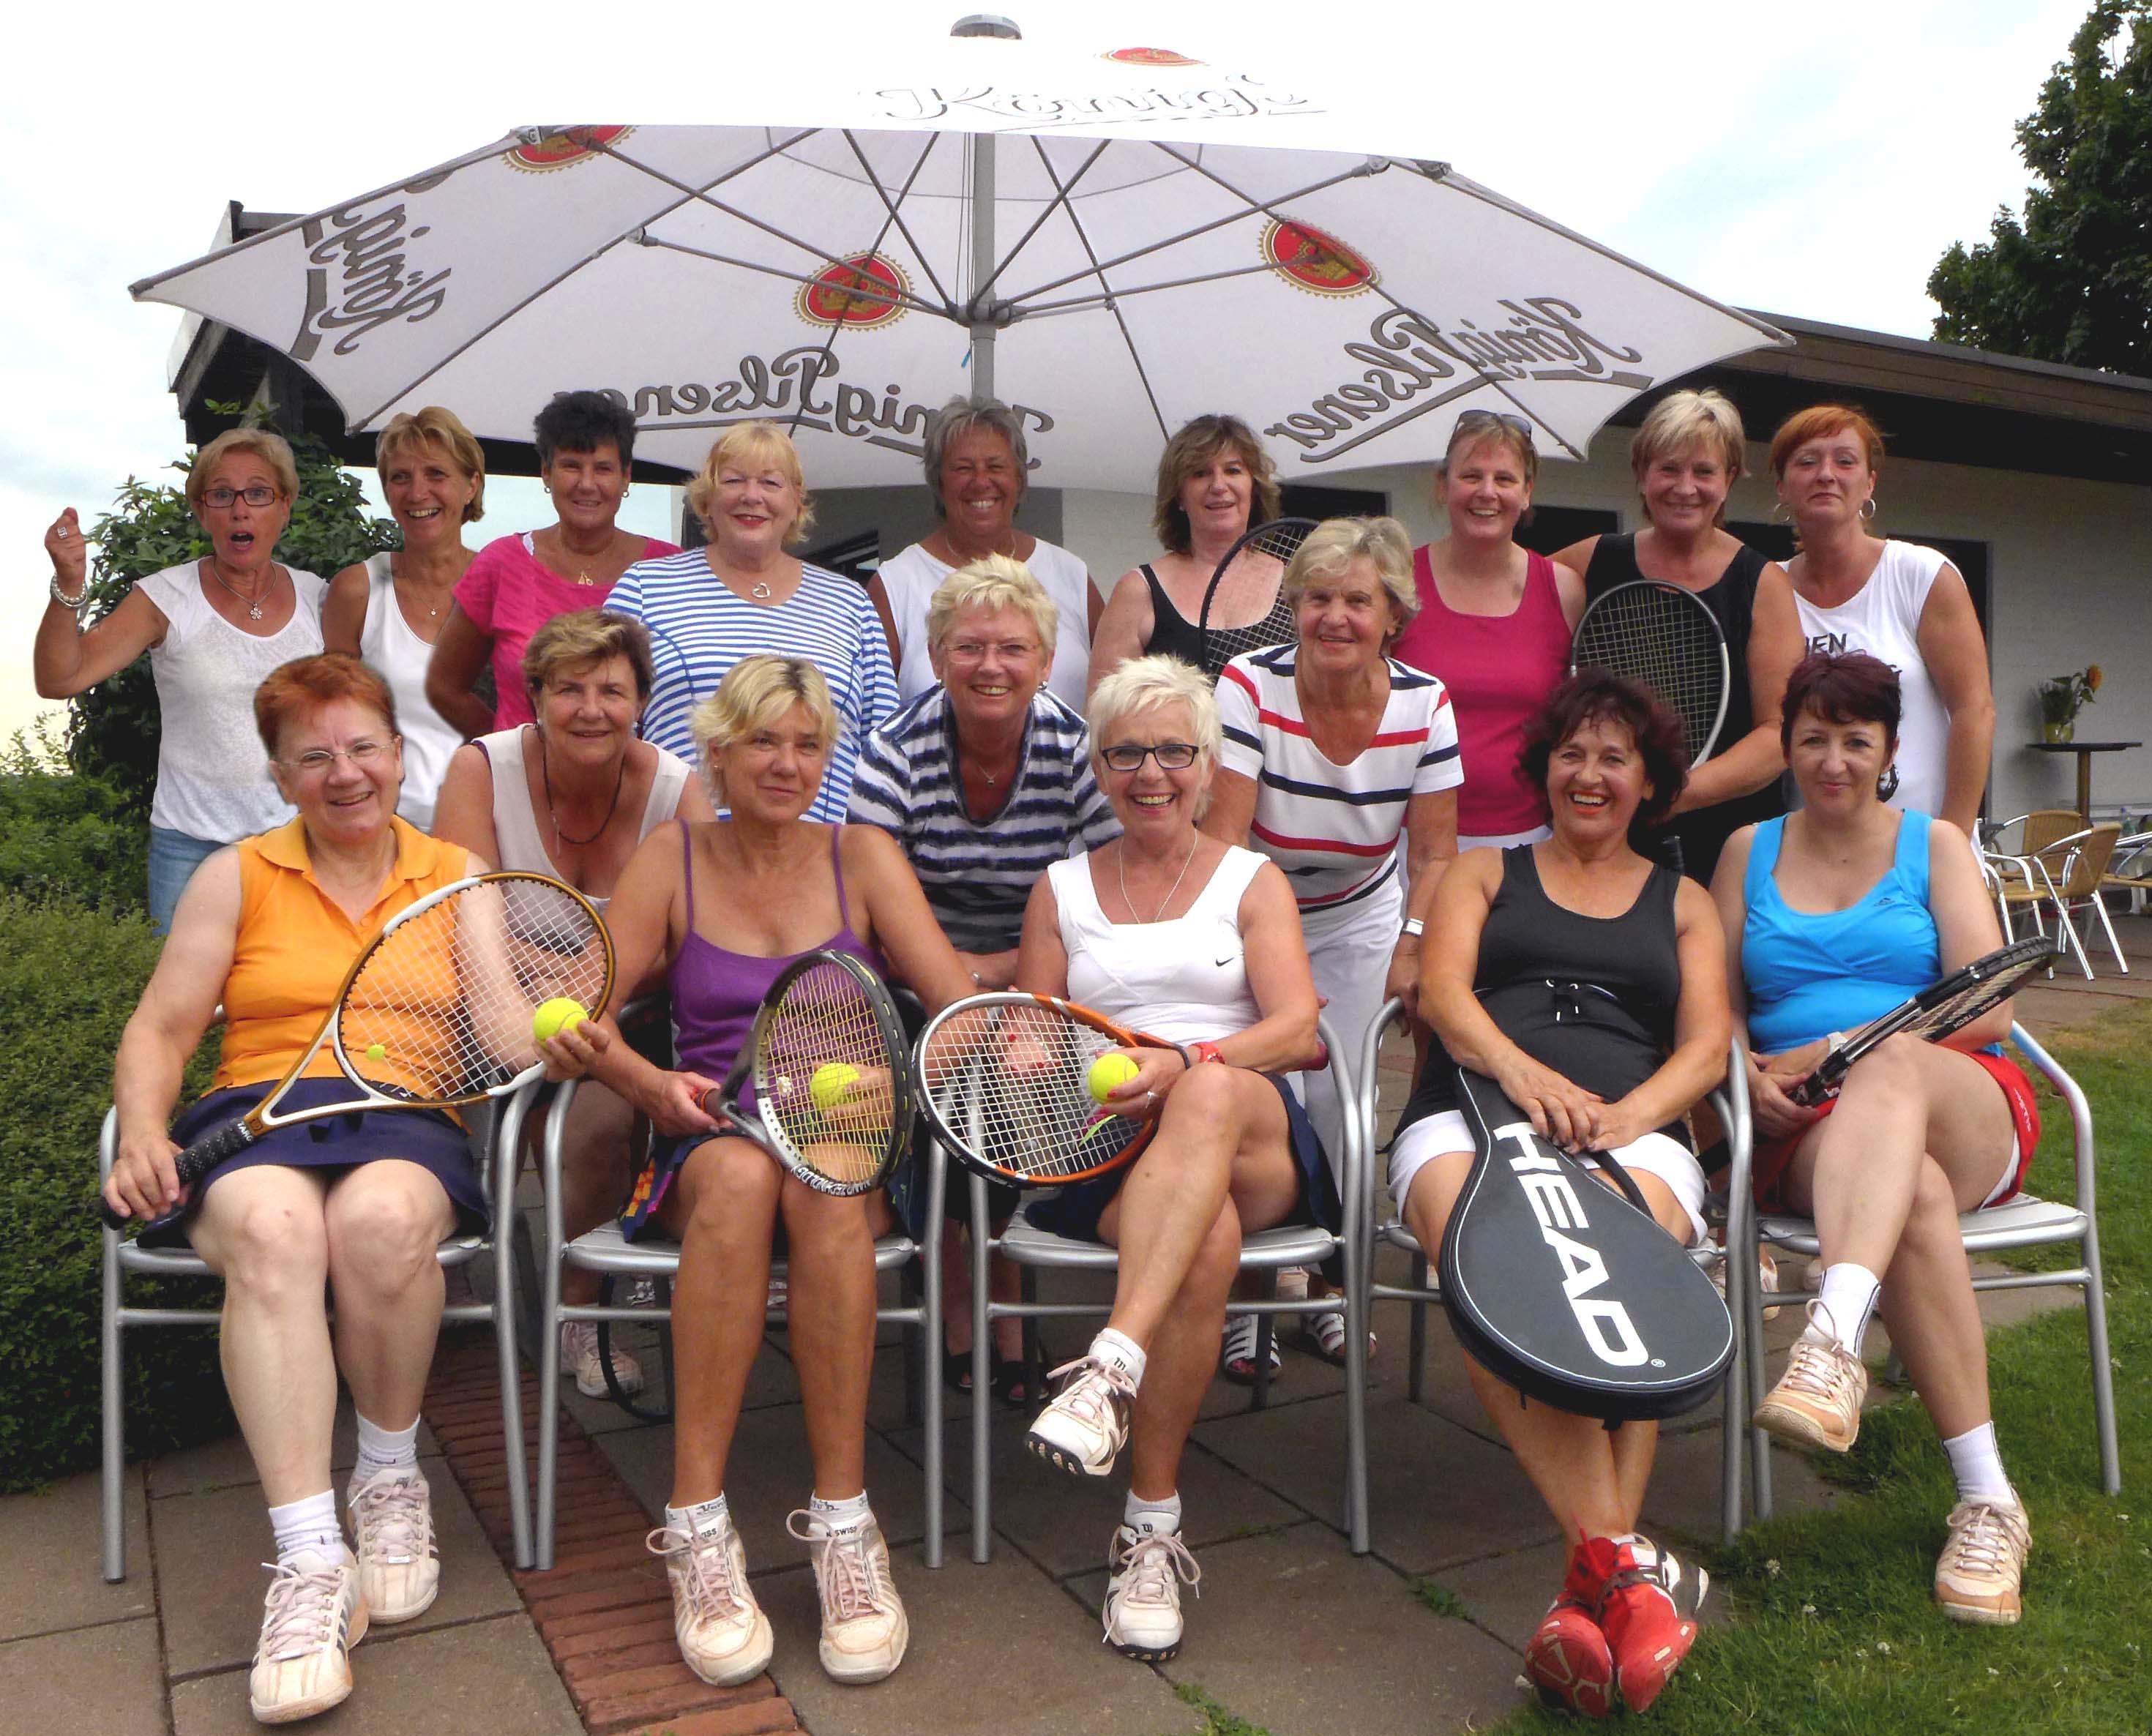 tennis-hausfrauentunier-2013-homepage-jpg